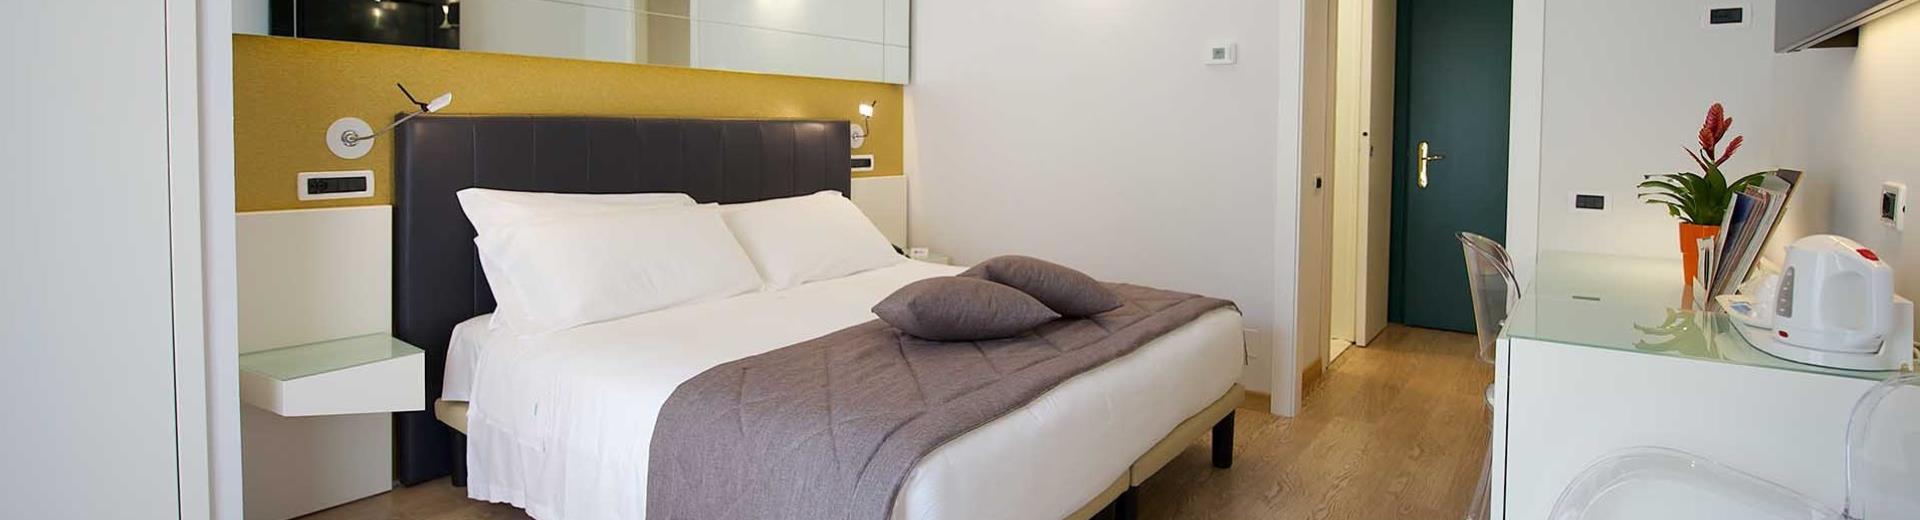 Camera Matrimoniale A Torino.Camera Matrimoniale In Centro A Torino Hotel Luxor 3 Stelle